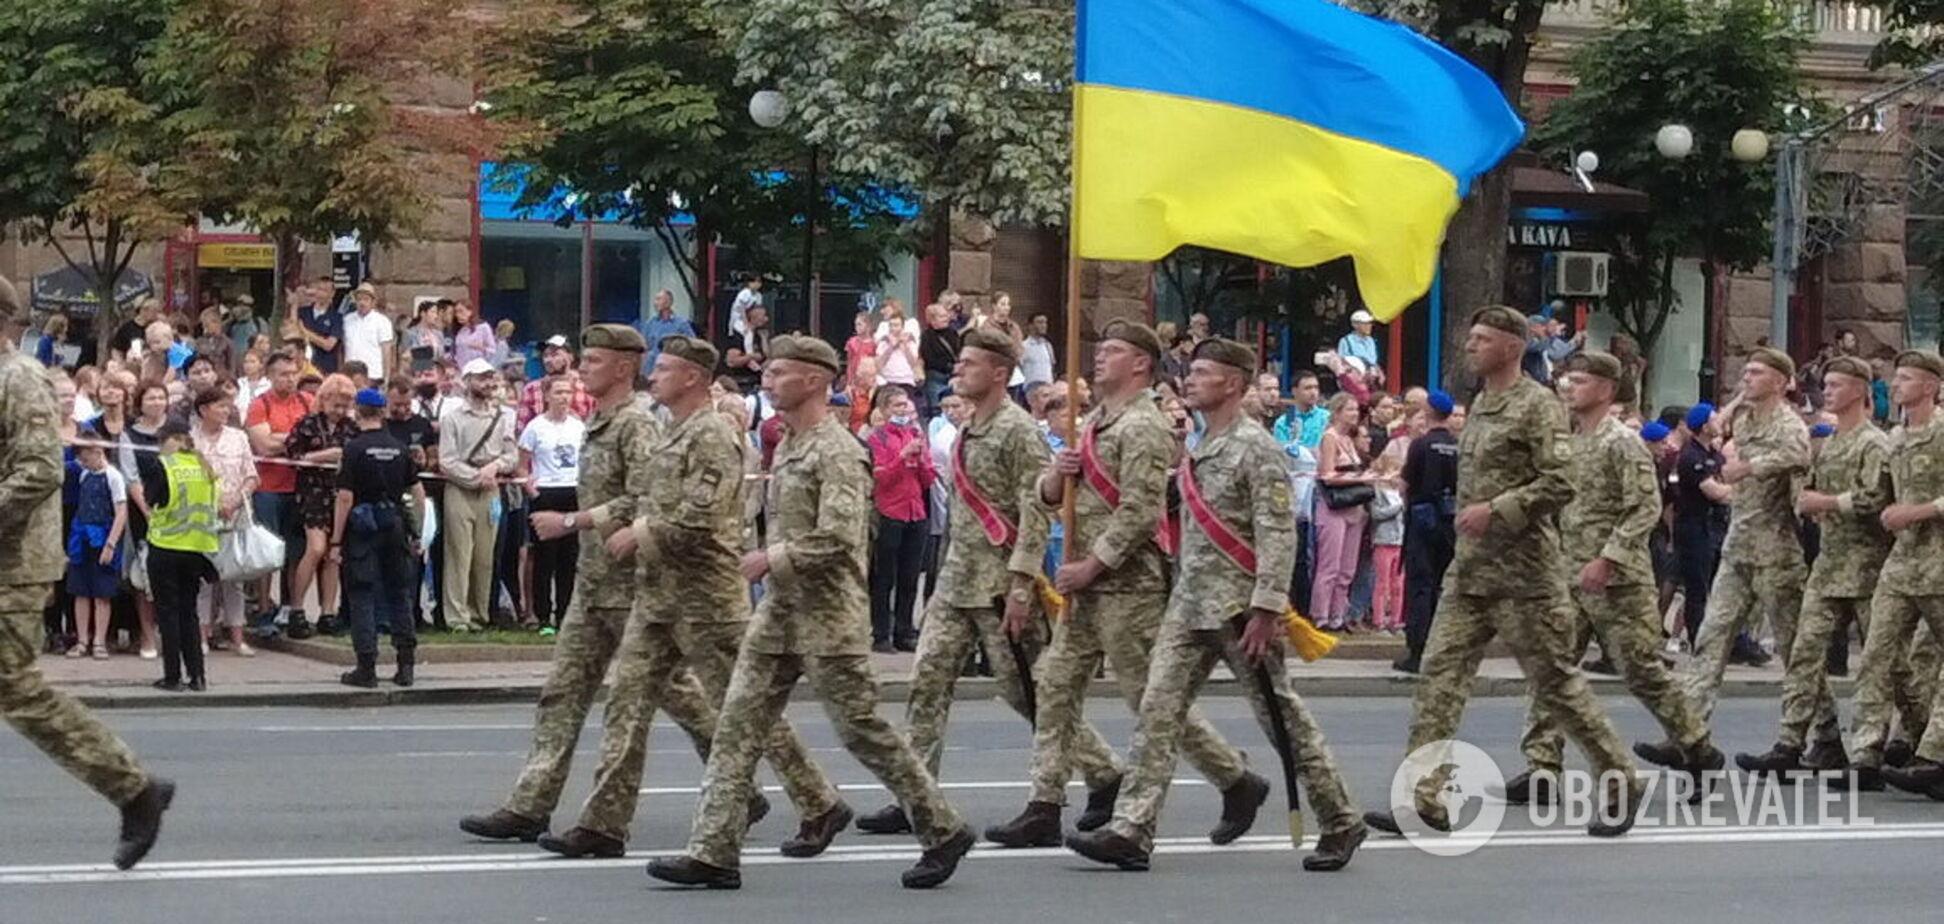 Київ може постояти у заторі, щоб побачити тих, завдяки кому воно мирне